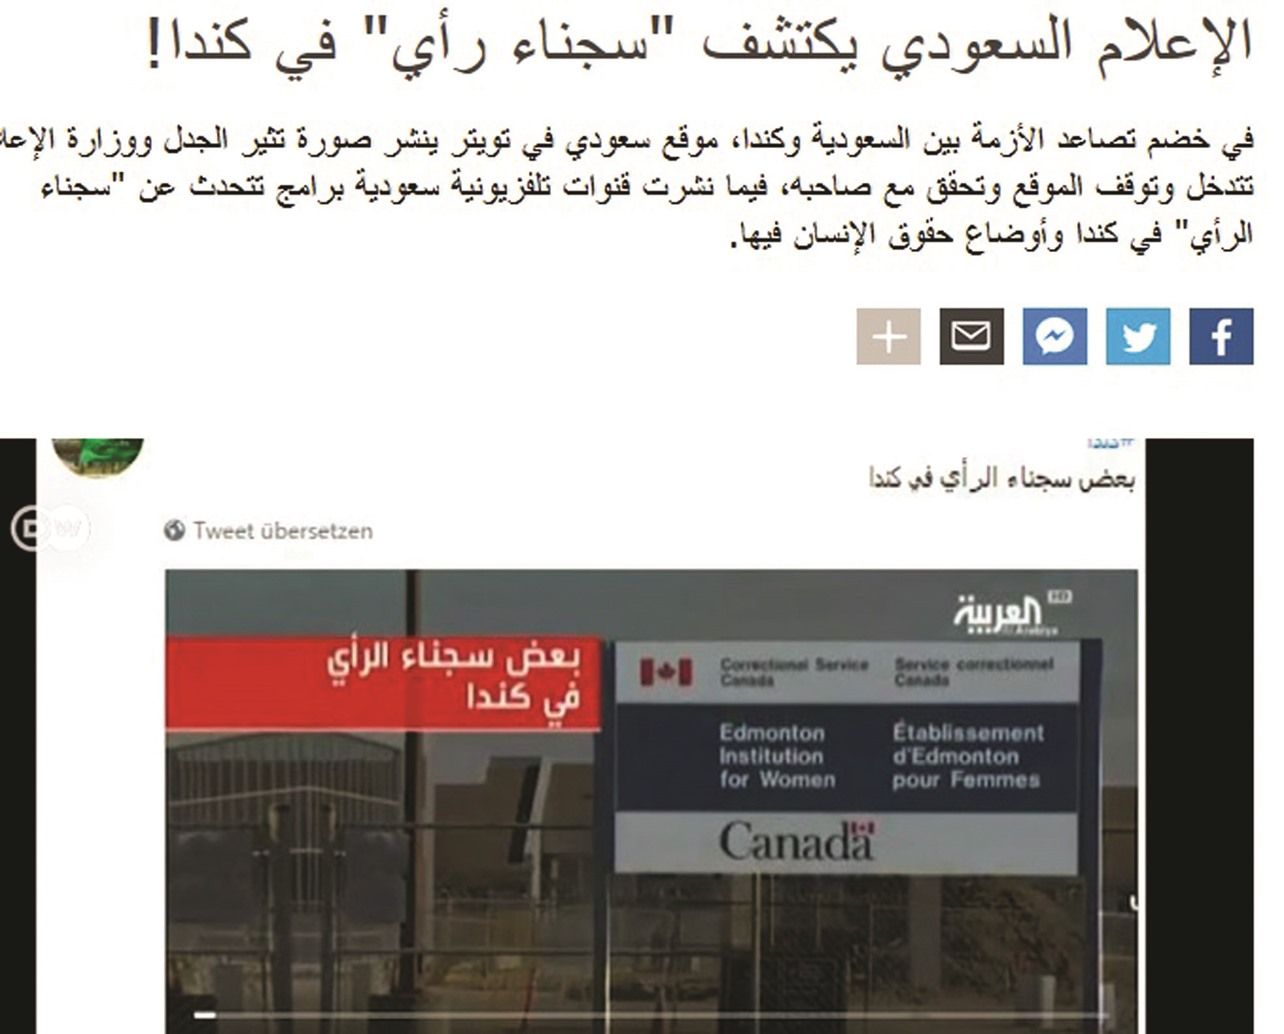 موقع ألماني يسخر من الإعلام السعودي: اكتشف «سجناء رأي» في كندا!